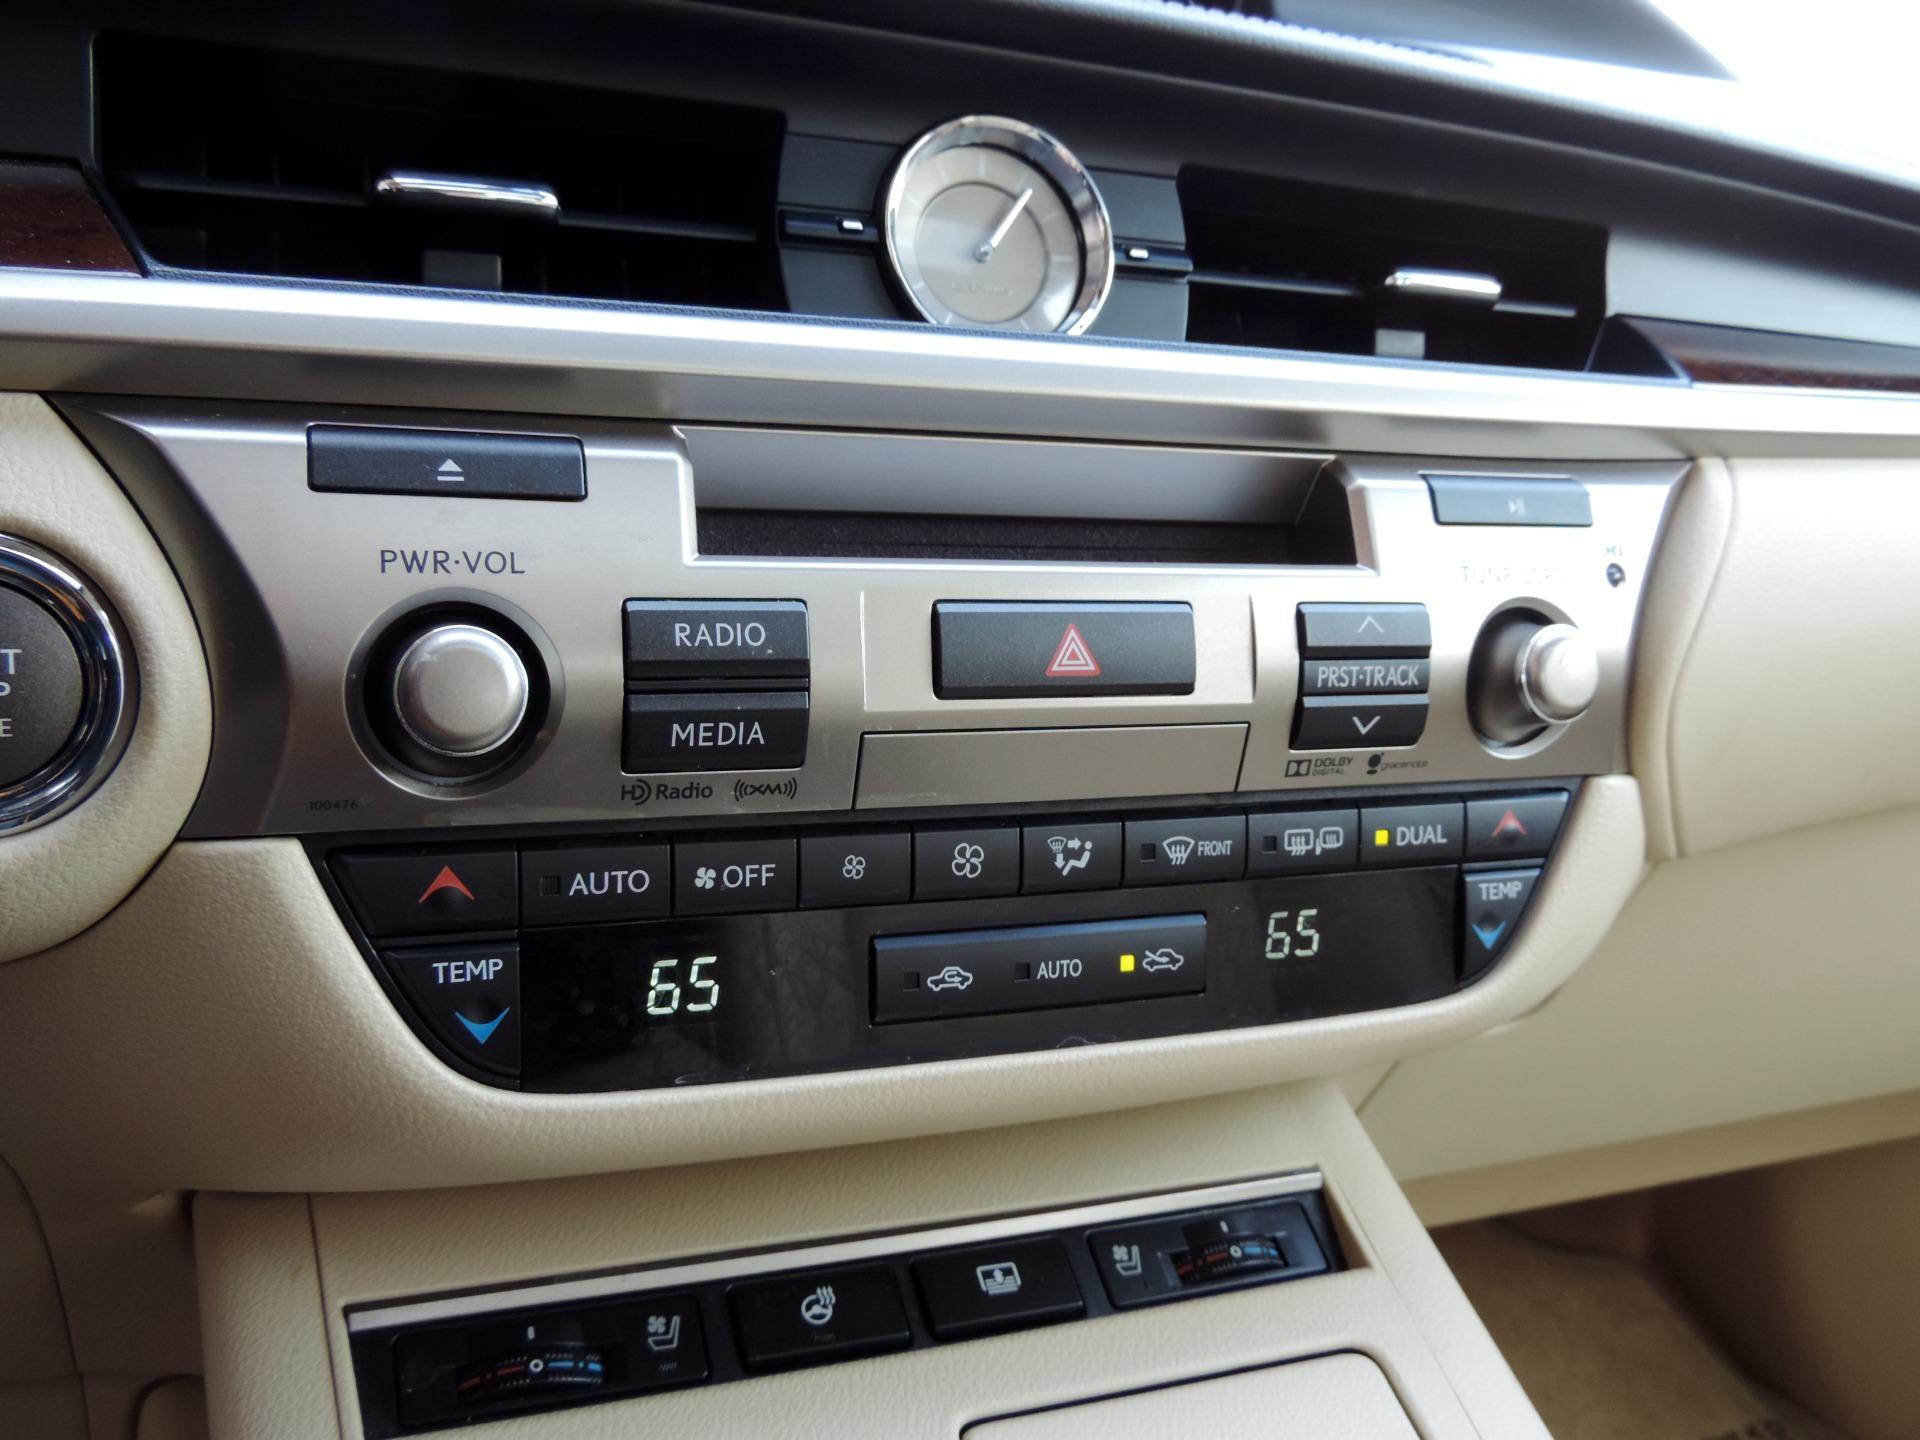 prestige team dealer a korean ramsey of meet car lexus nj and sales dealers is new in our